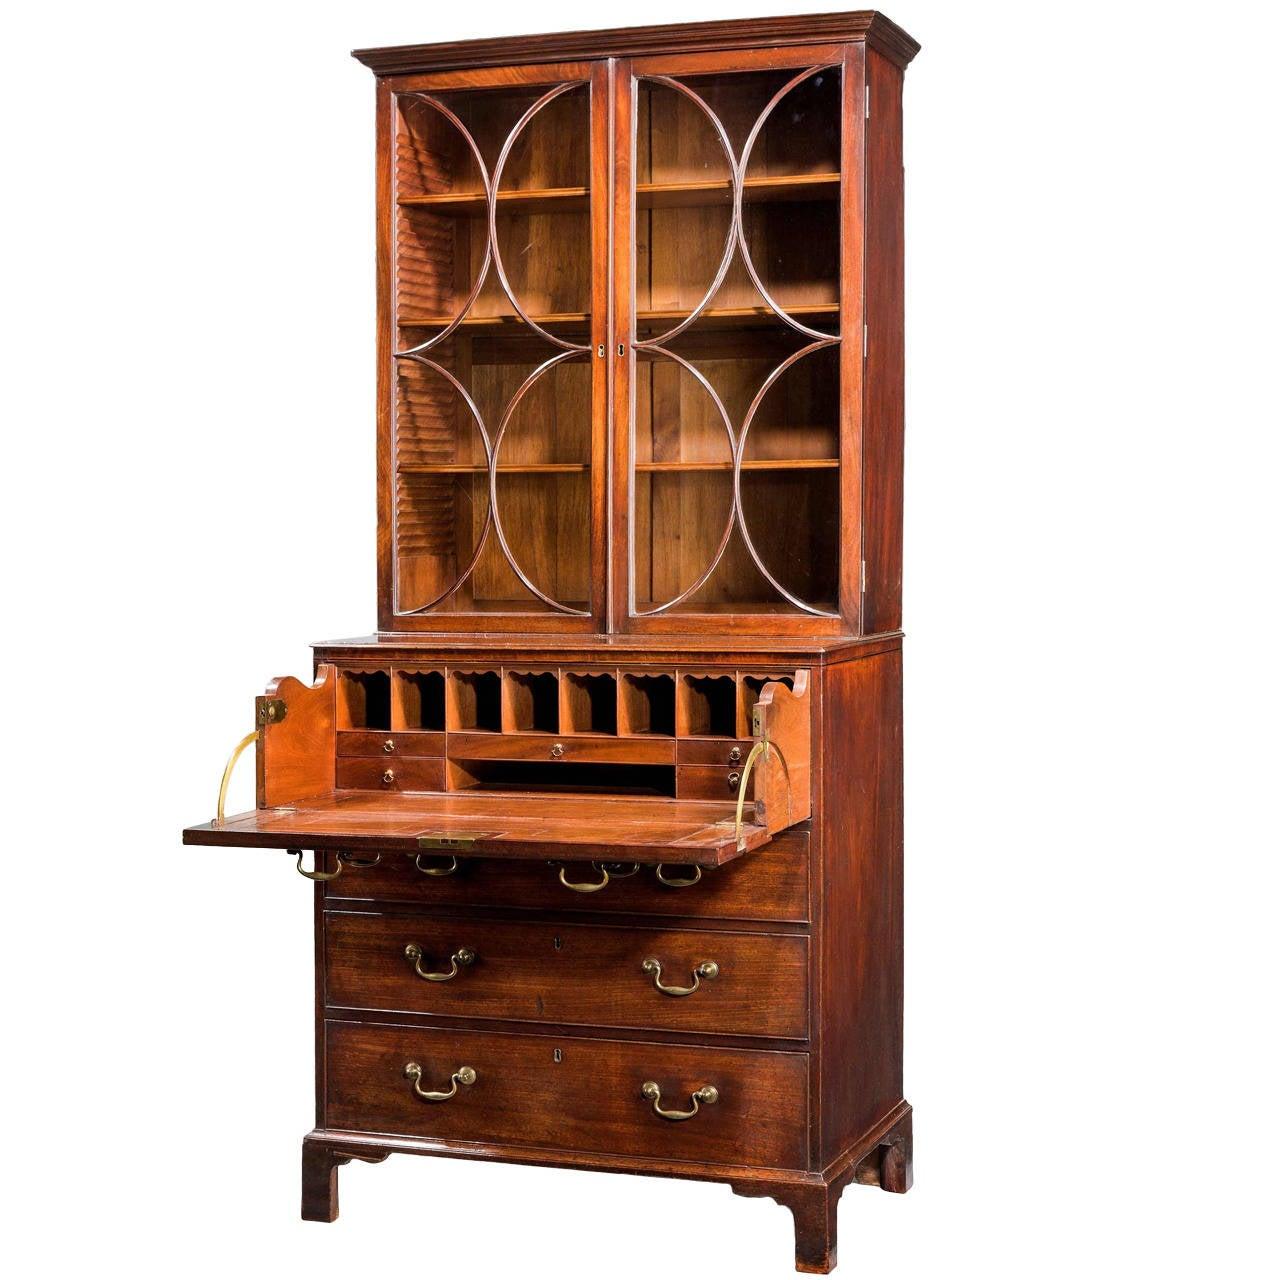 Chippendale Period Secretaire Bookcase